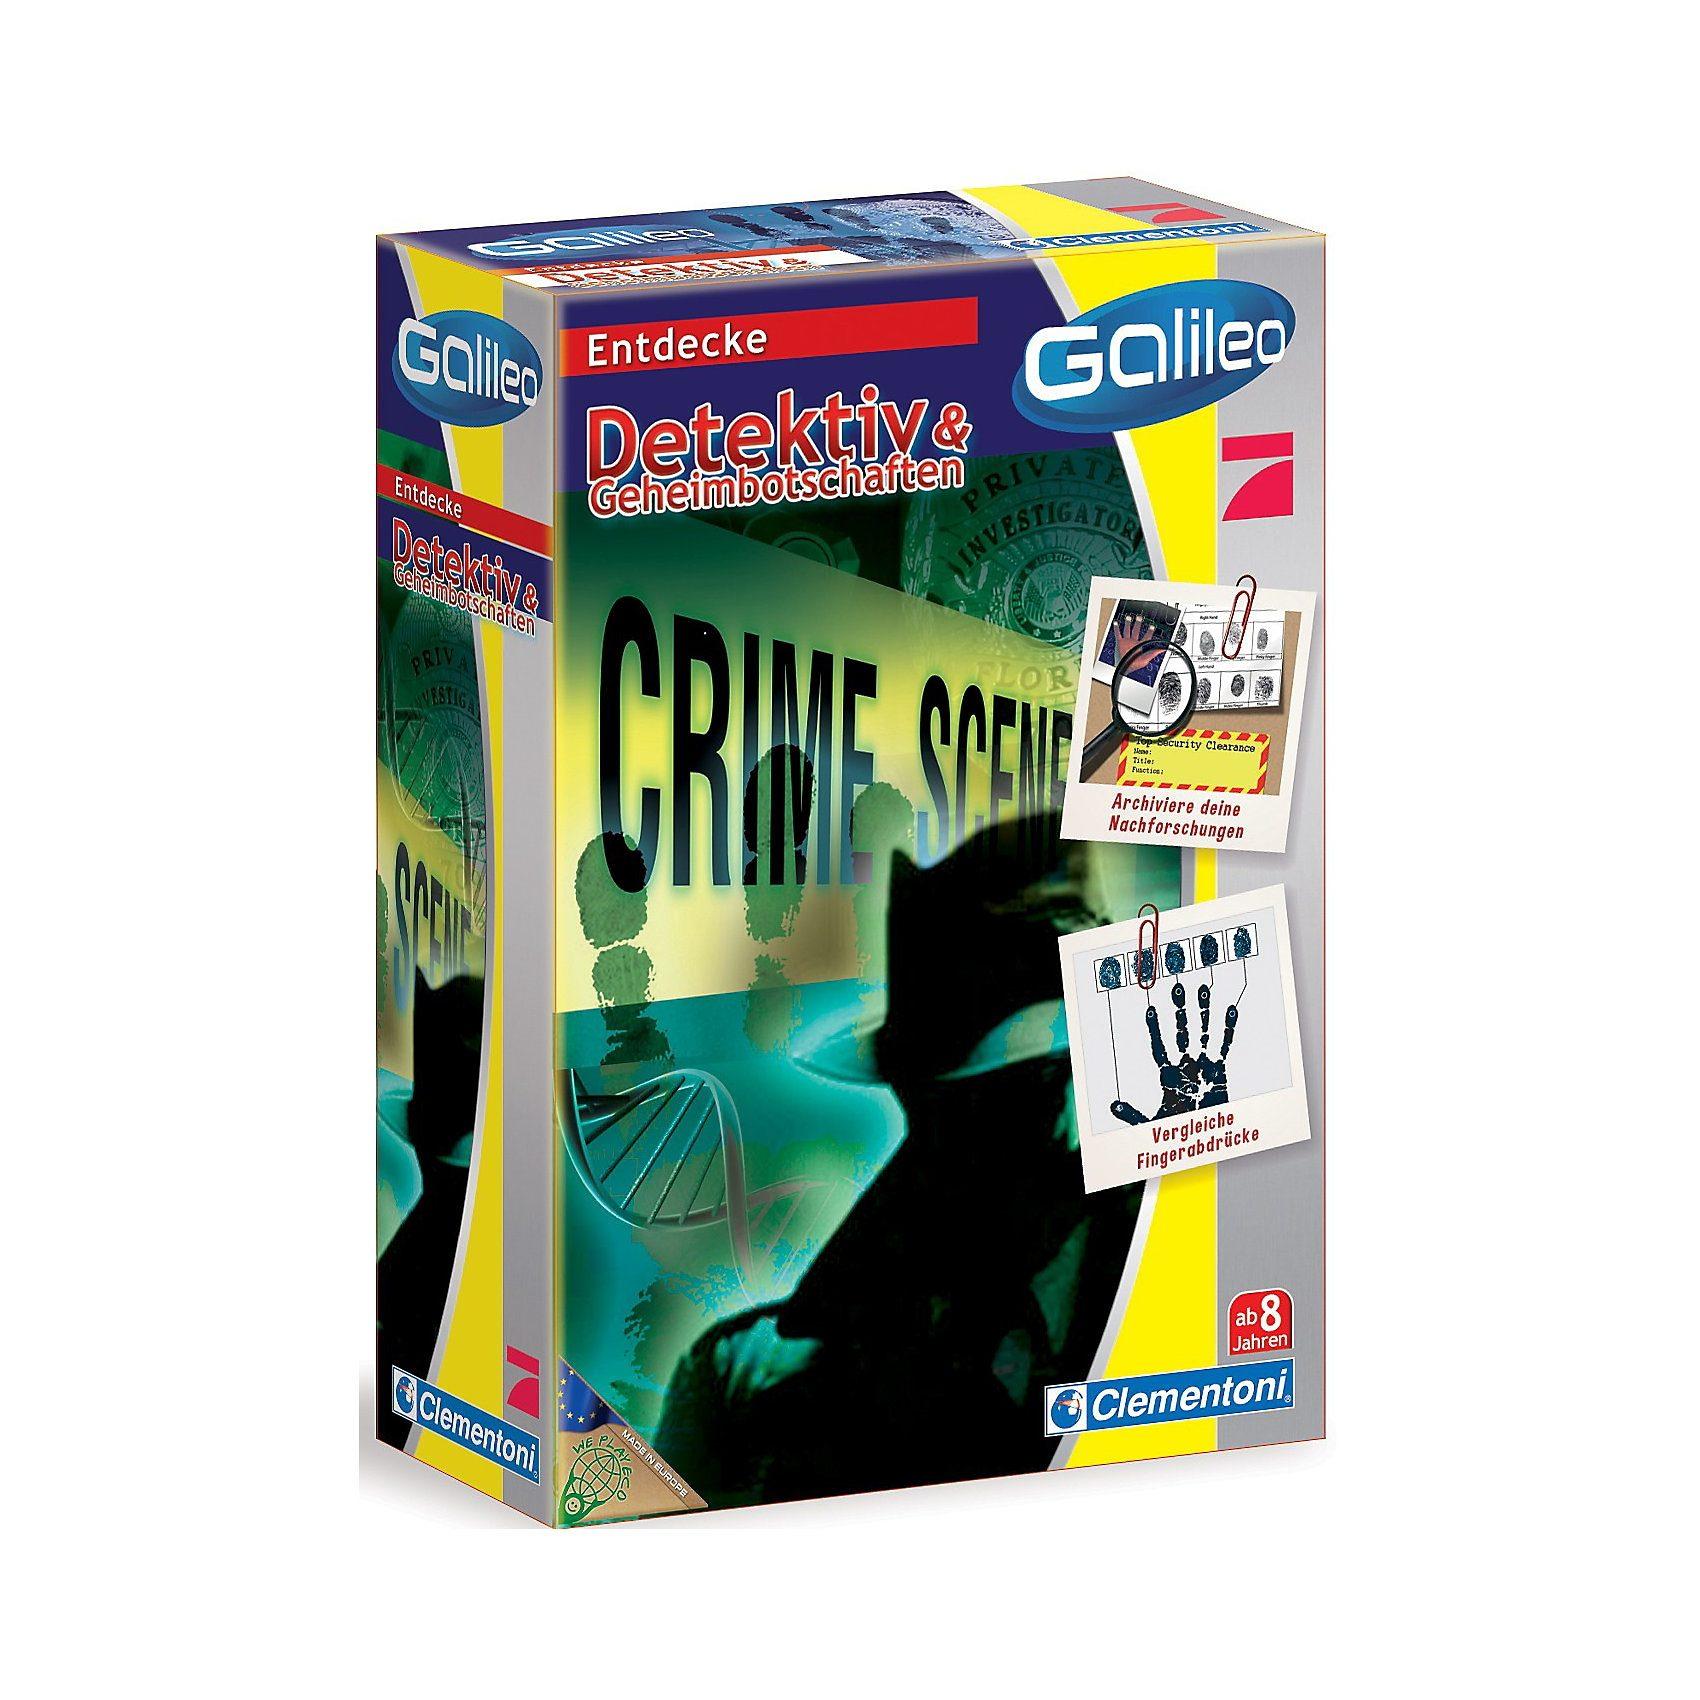 Clementoni Galileo - Detektiv & Geheimbotschaften